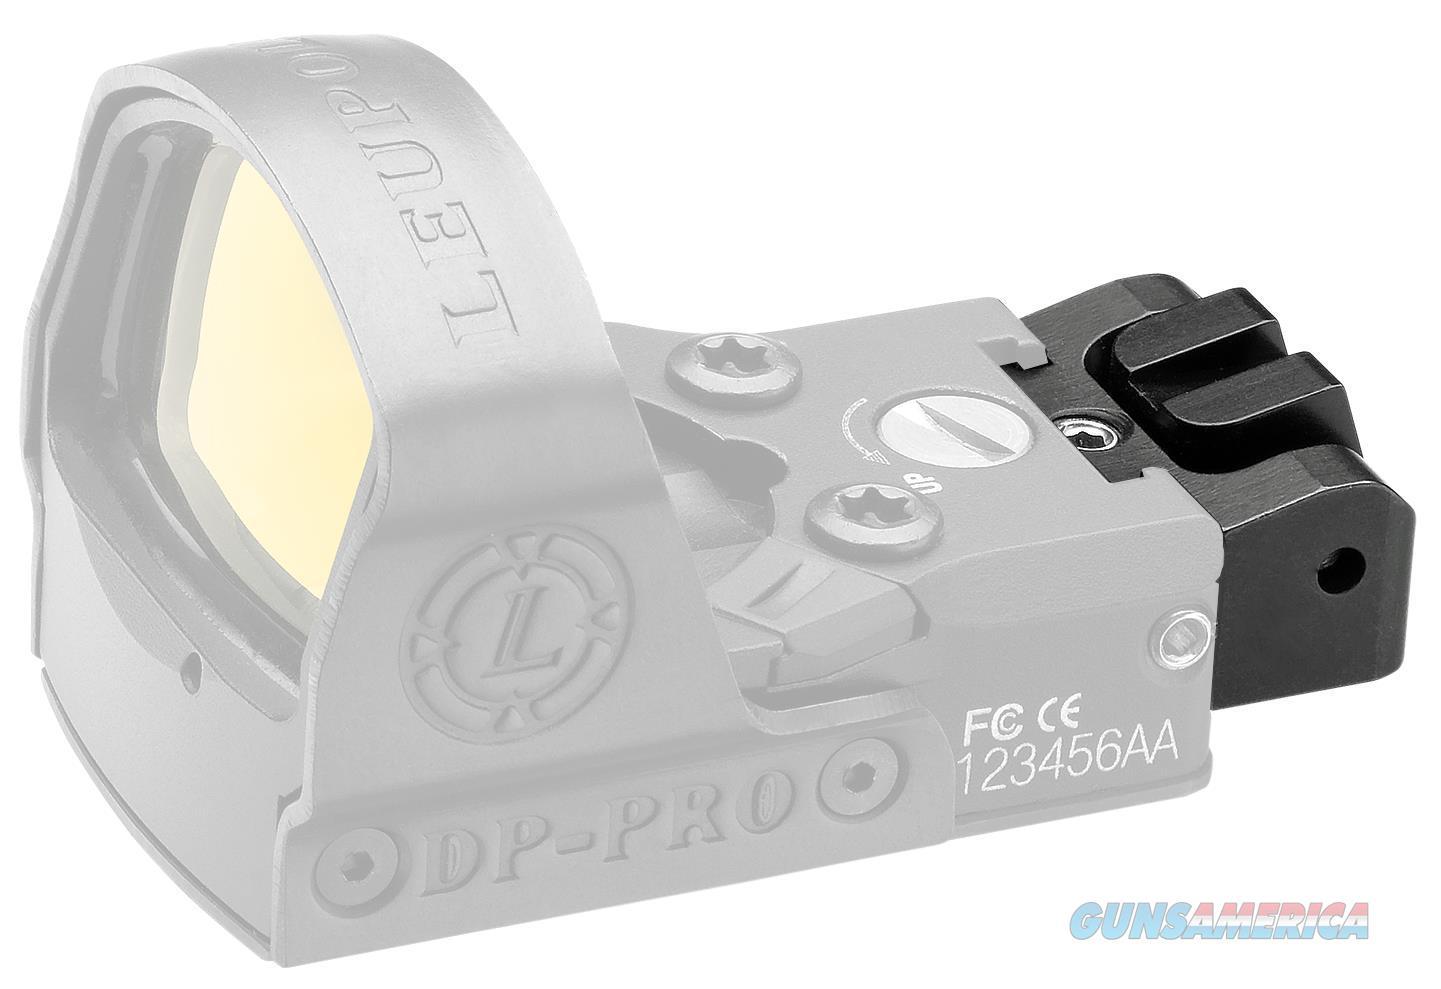 Leupold 120058 Deltapoint Pro Rear Iron Sight Pistol Aluminum Black 120058  Non-Guns > Scopes/Mounts/Rings & Optics > Mounts > Other